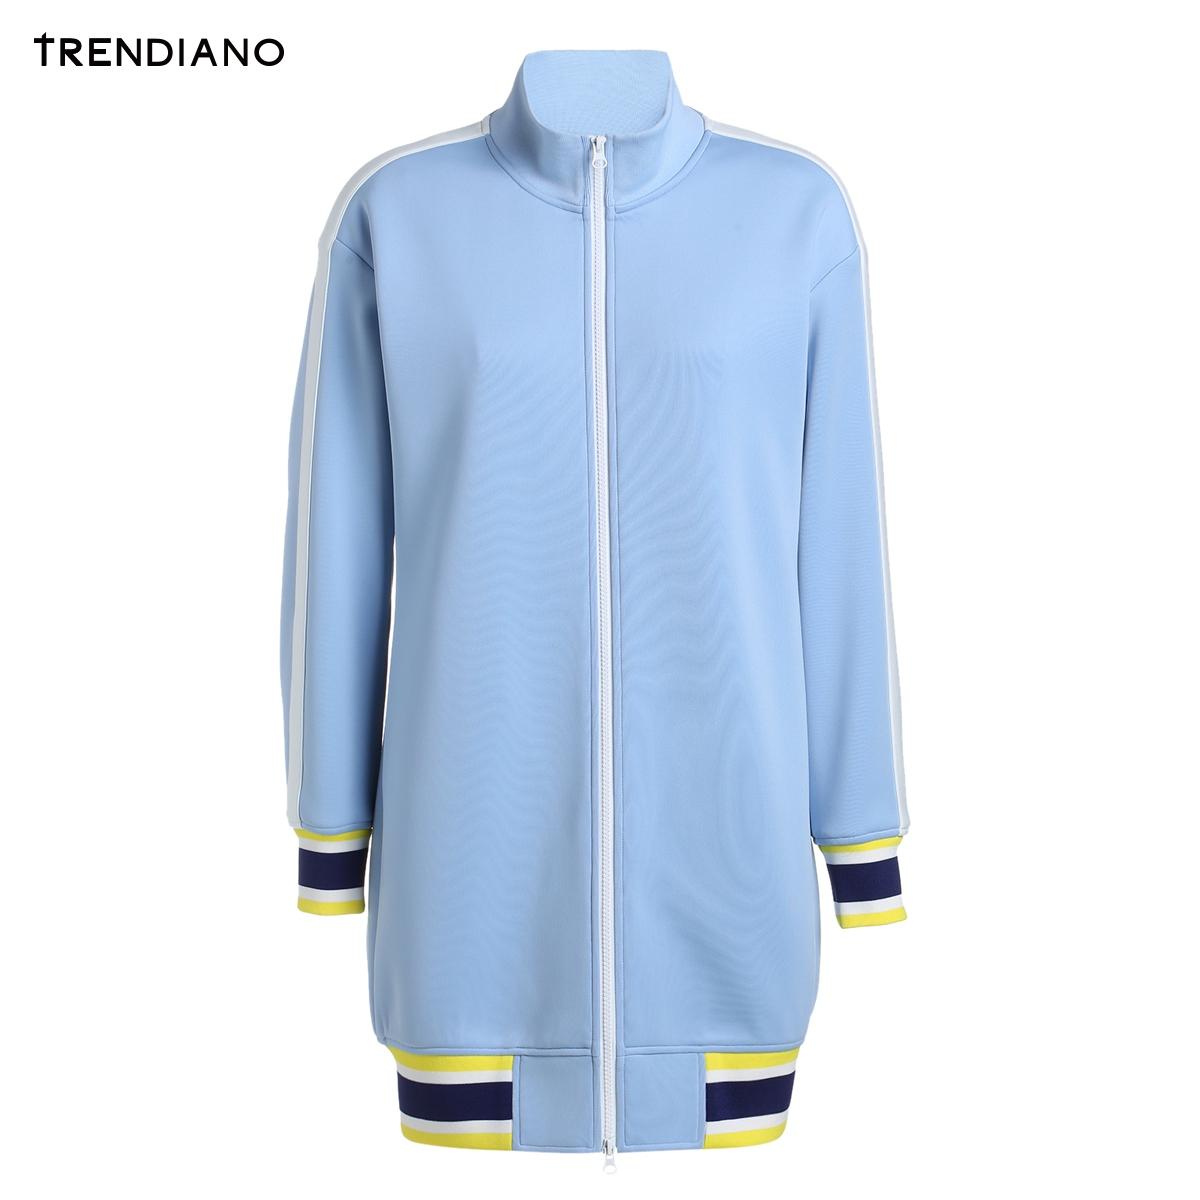 长款卫衣 TRENDIANO女装春装运动风条纹高领长款卫衣外套C1040630_推荐淘宝好看的女长款卫衣